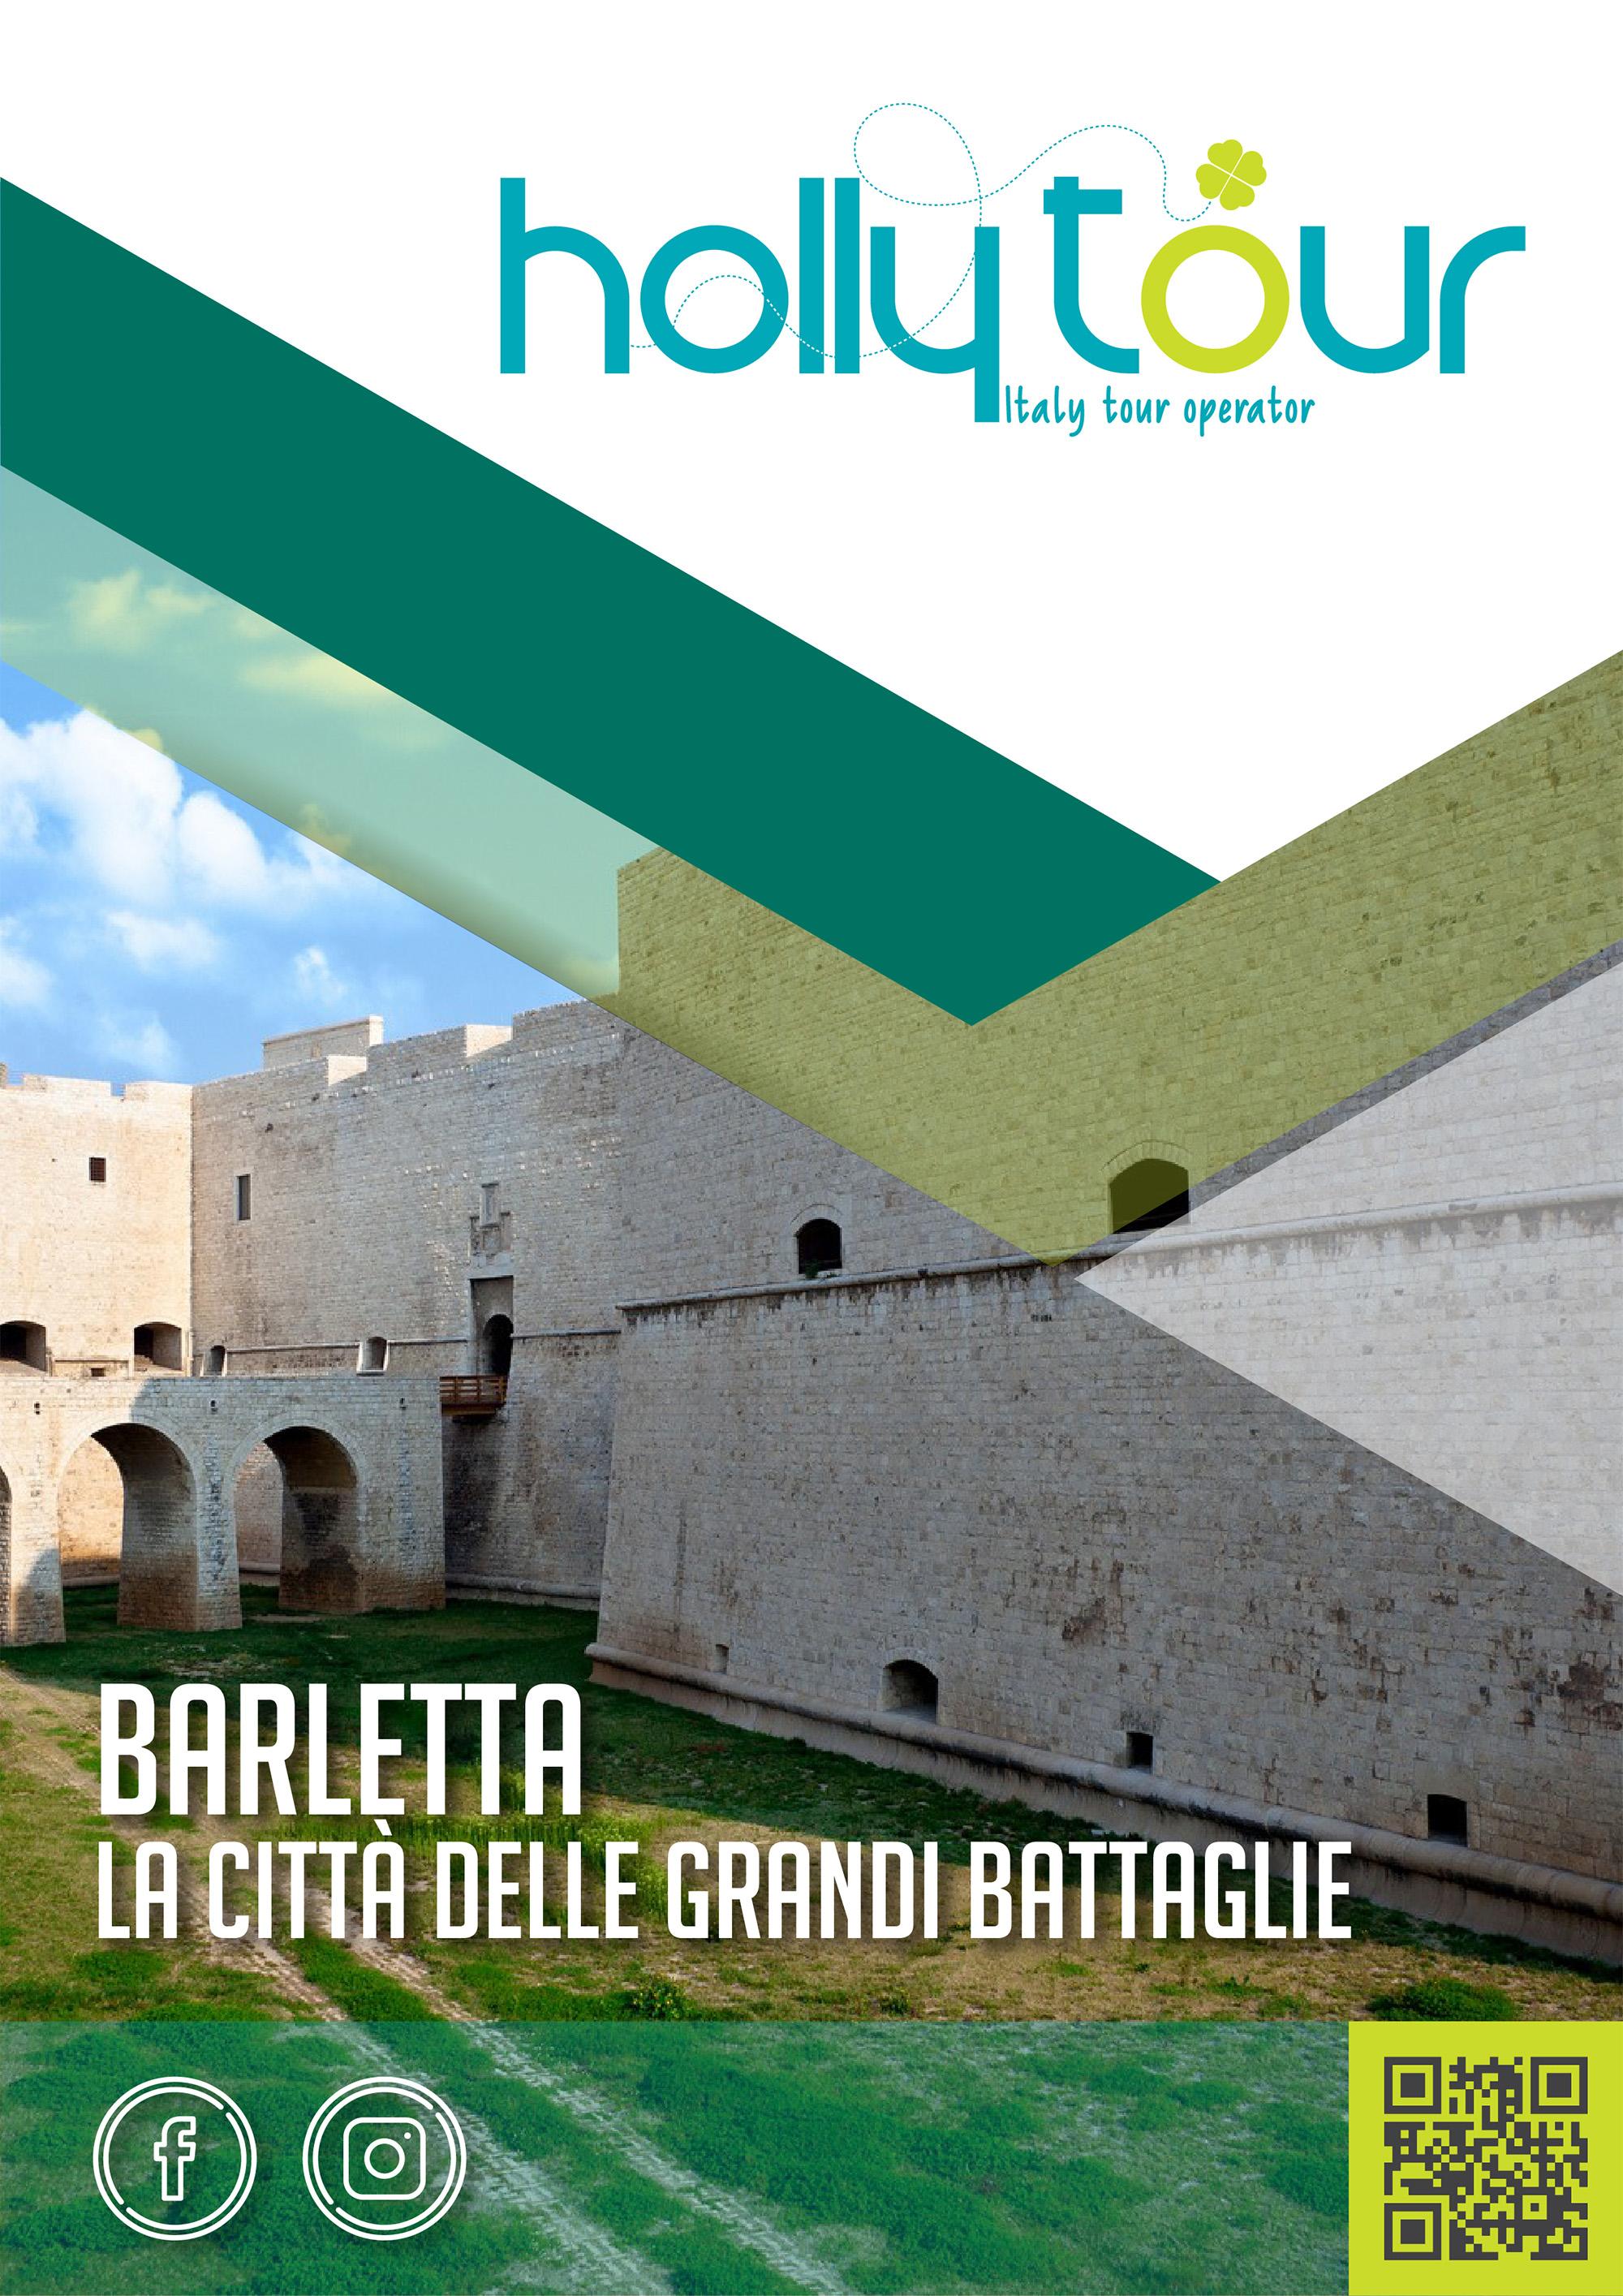 BARLETTA, LA CITTÀ DELLE GRANDI BATTAGLIE